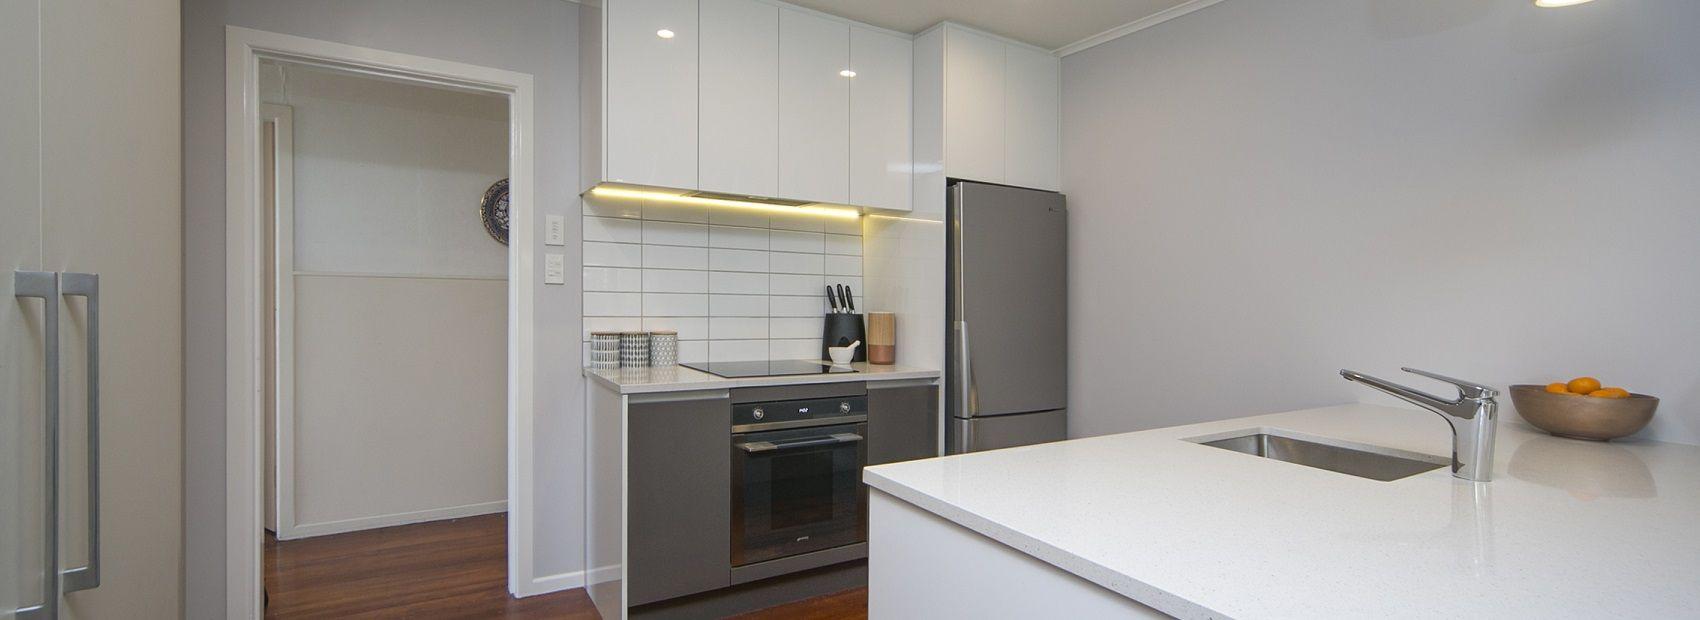 Gallery moda kitchens pinterest laundry design wardrobe